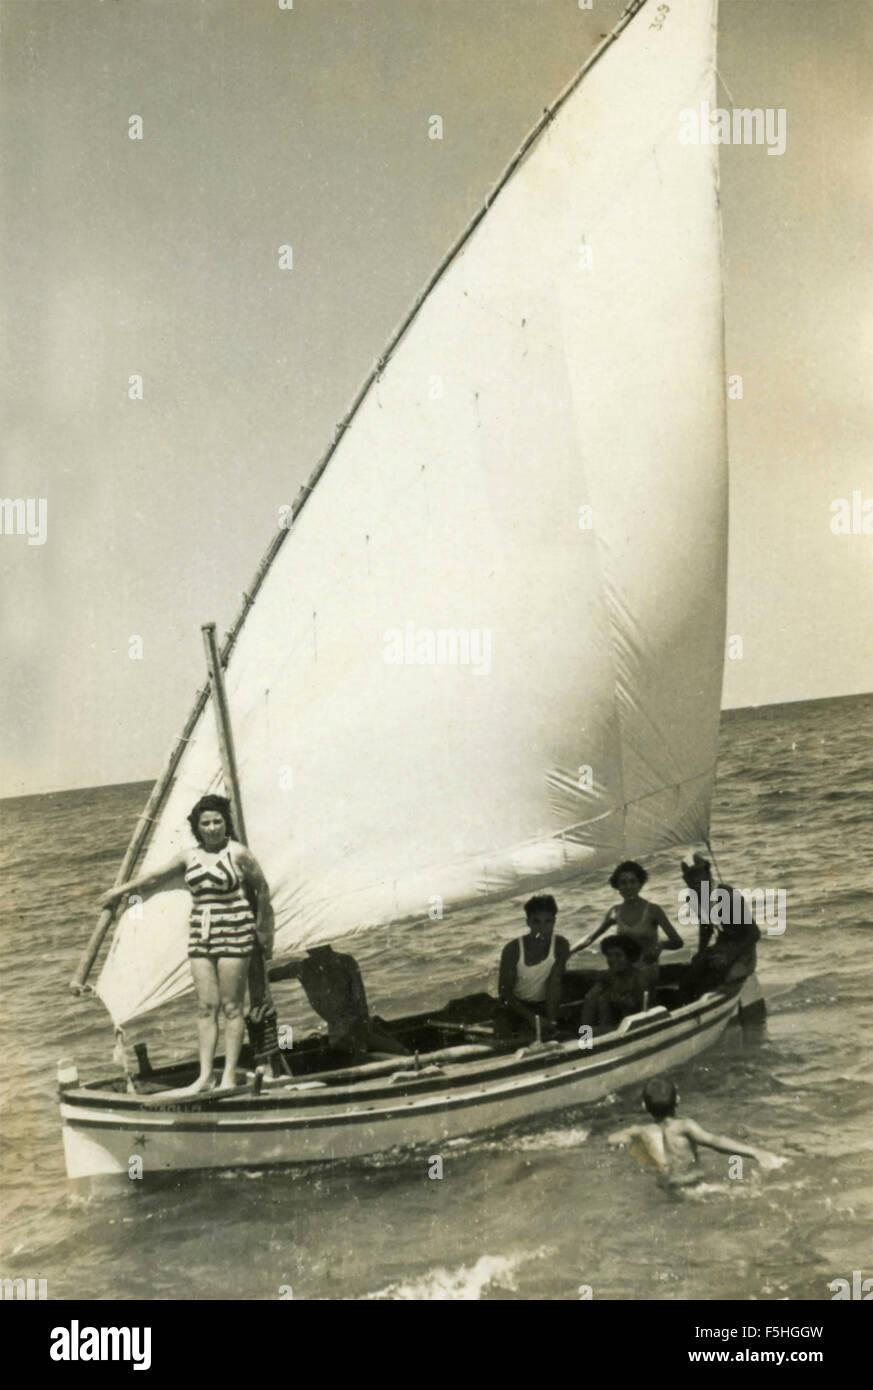 Petite famille voile voile avec le Latin, l'italien Photo Stock